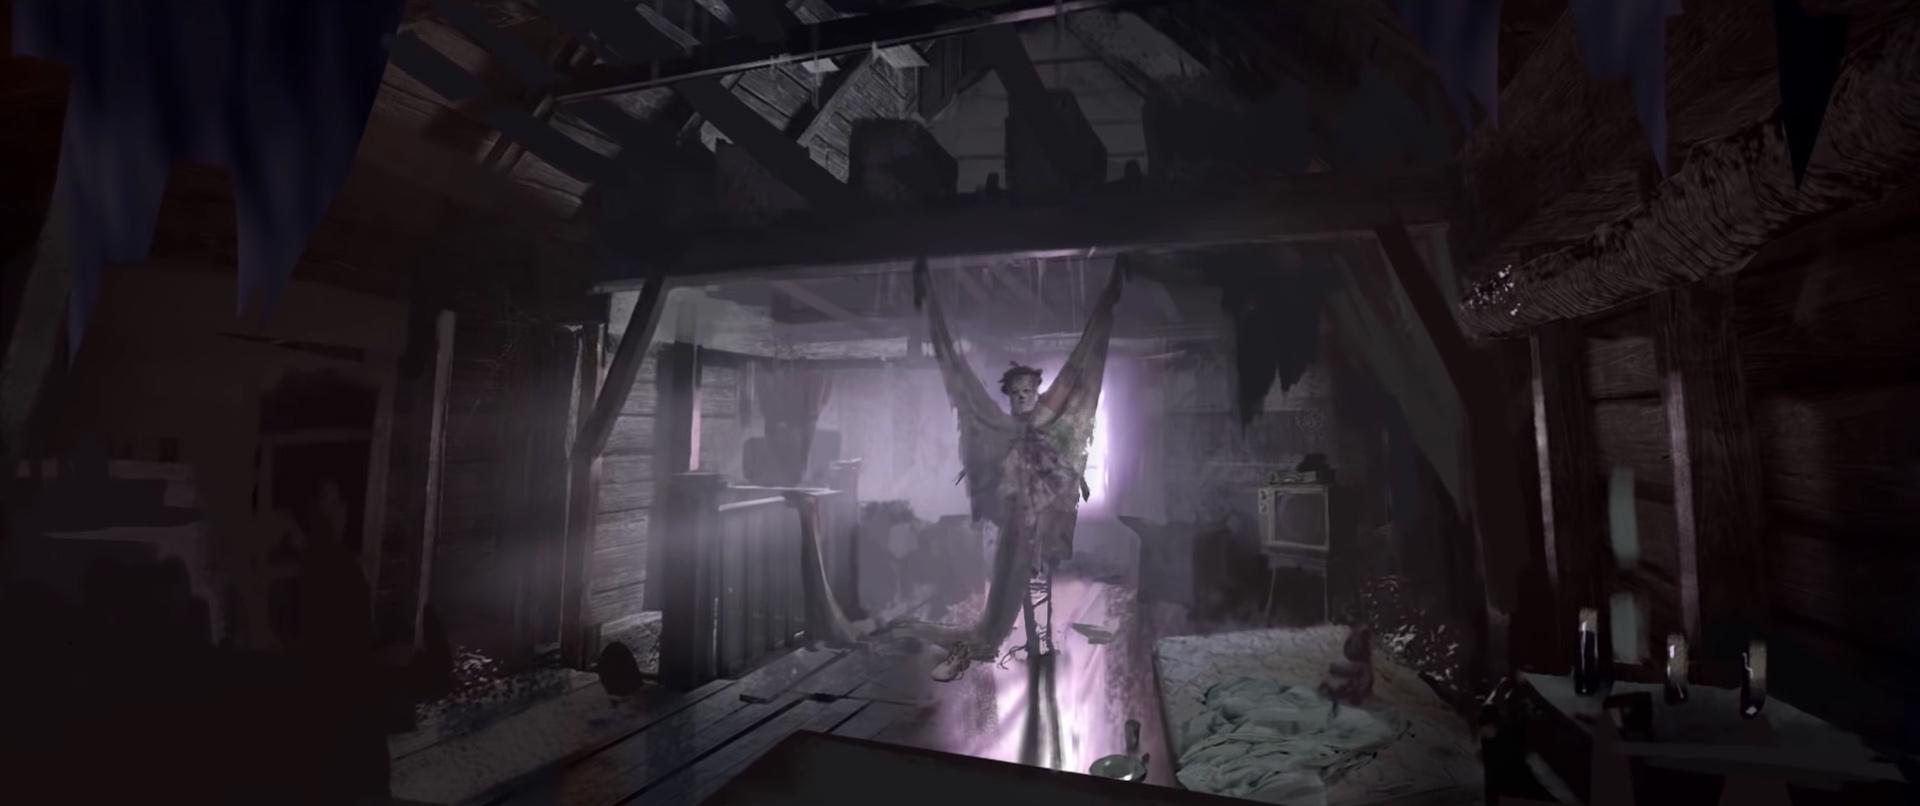 Capcom shares scrapped ideas for Resident Evil 2 screenshot